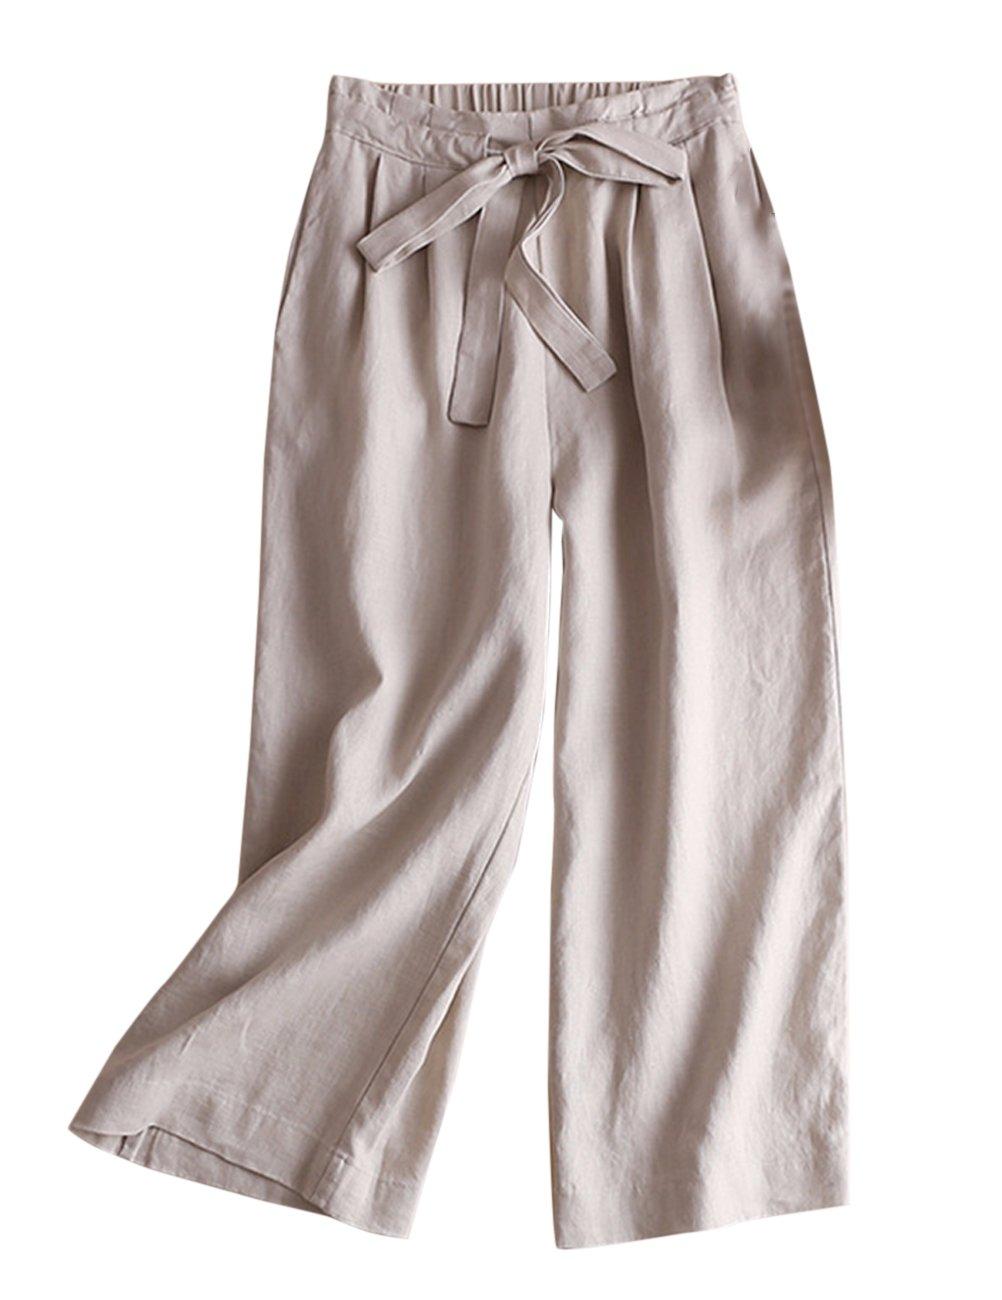 IXIMO レディース リネン ロングパンツ ワイド パンツ 無地 ウェストゴム ドロスト プリーツ入り ゆったり カジュアル きれいめ ワイドパンツ ズボン 6色展開 B07CG3WQ94 LL|カーキ カーキ LL